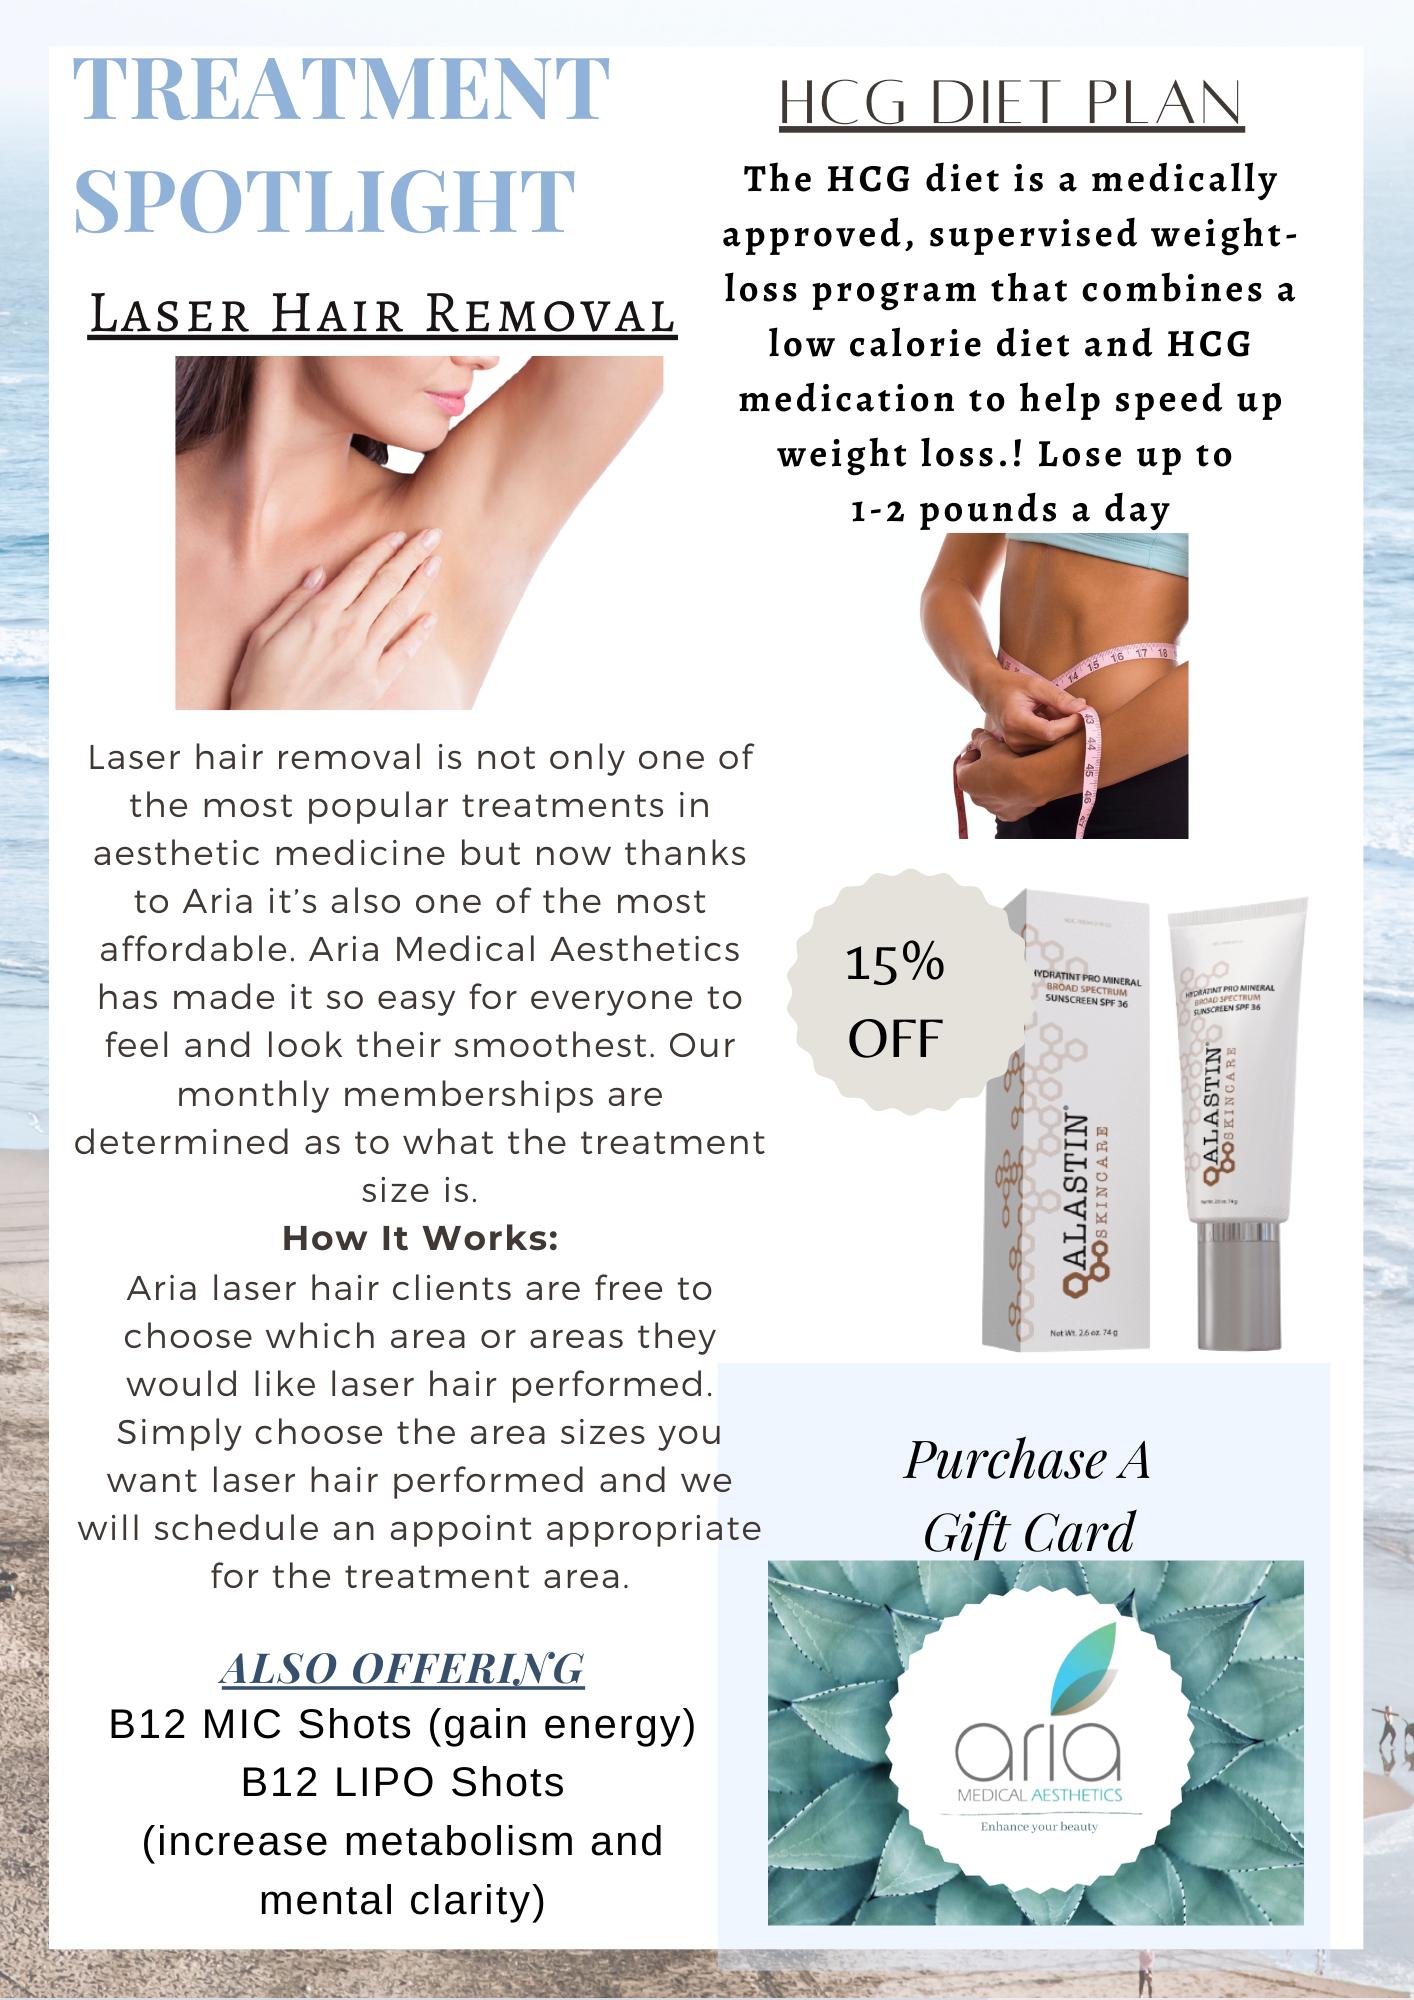 Laser Hair Removal Treatment Spotlight